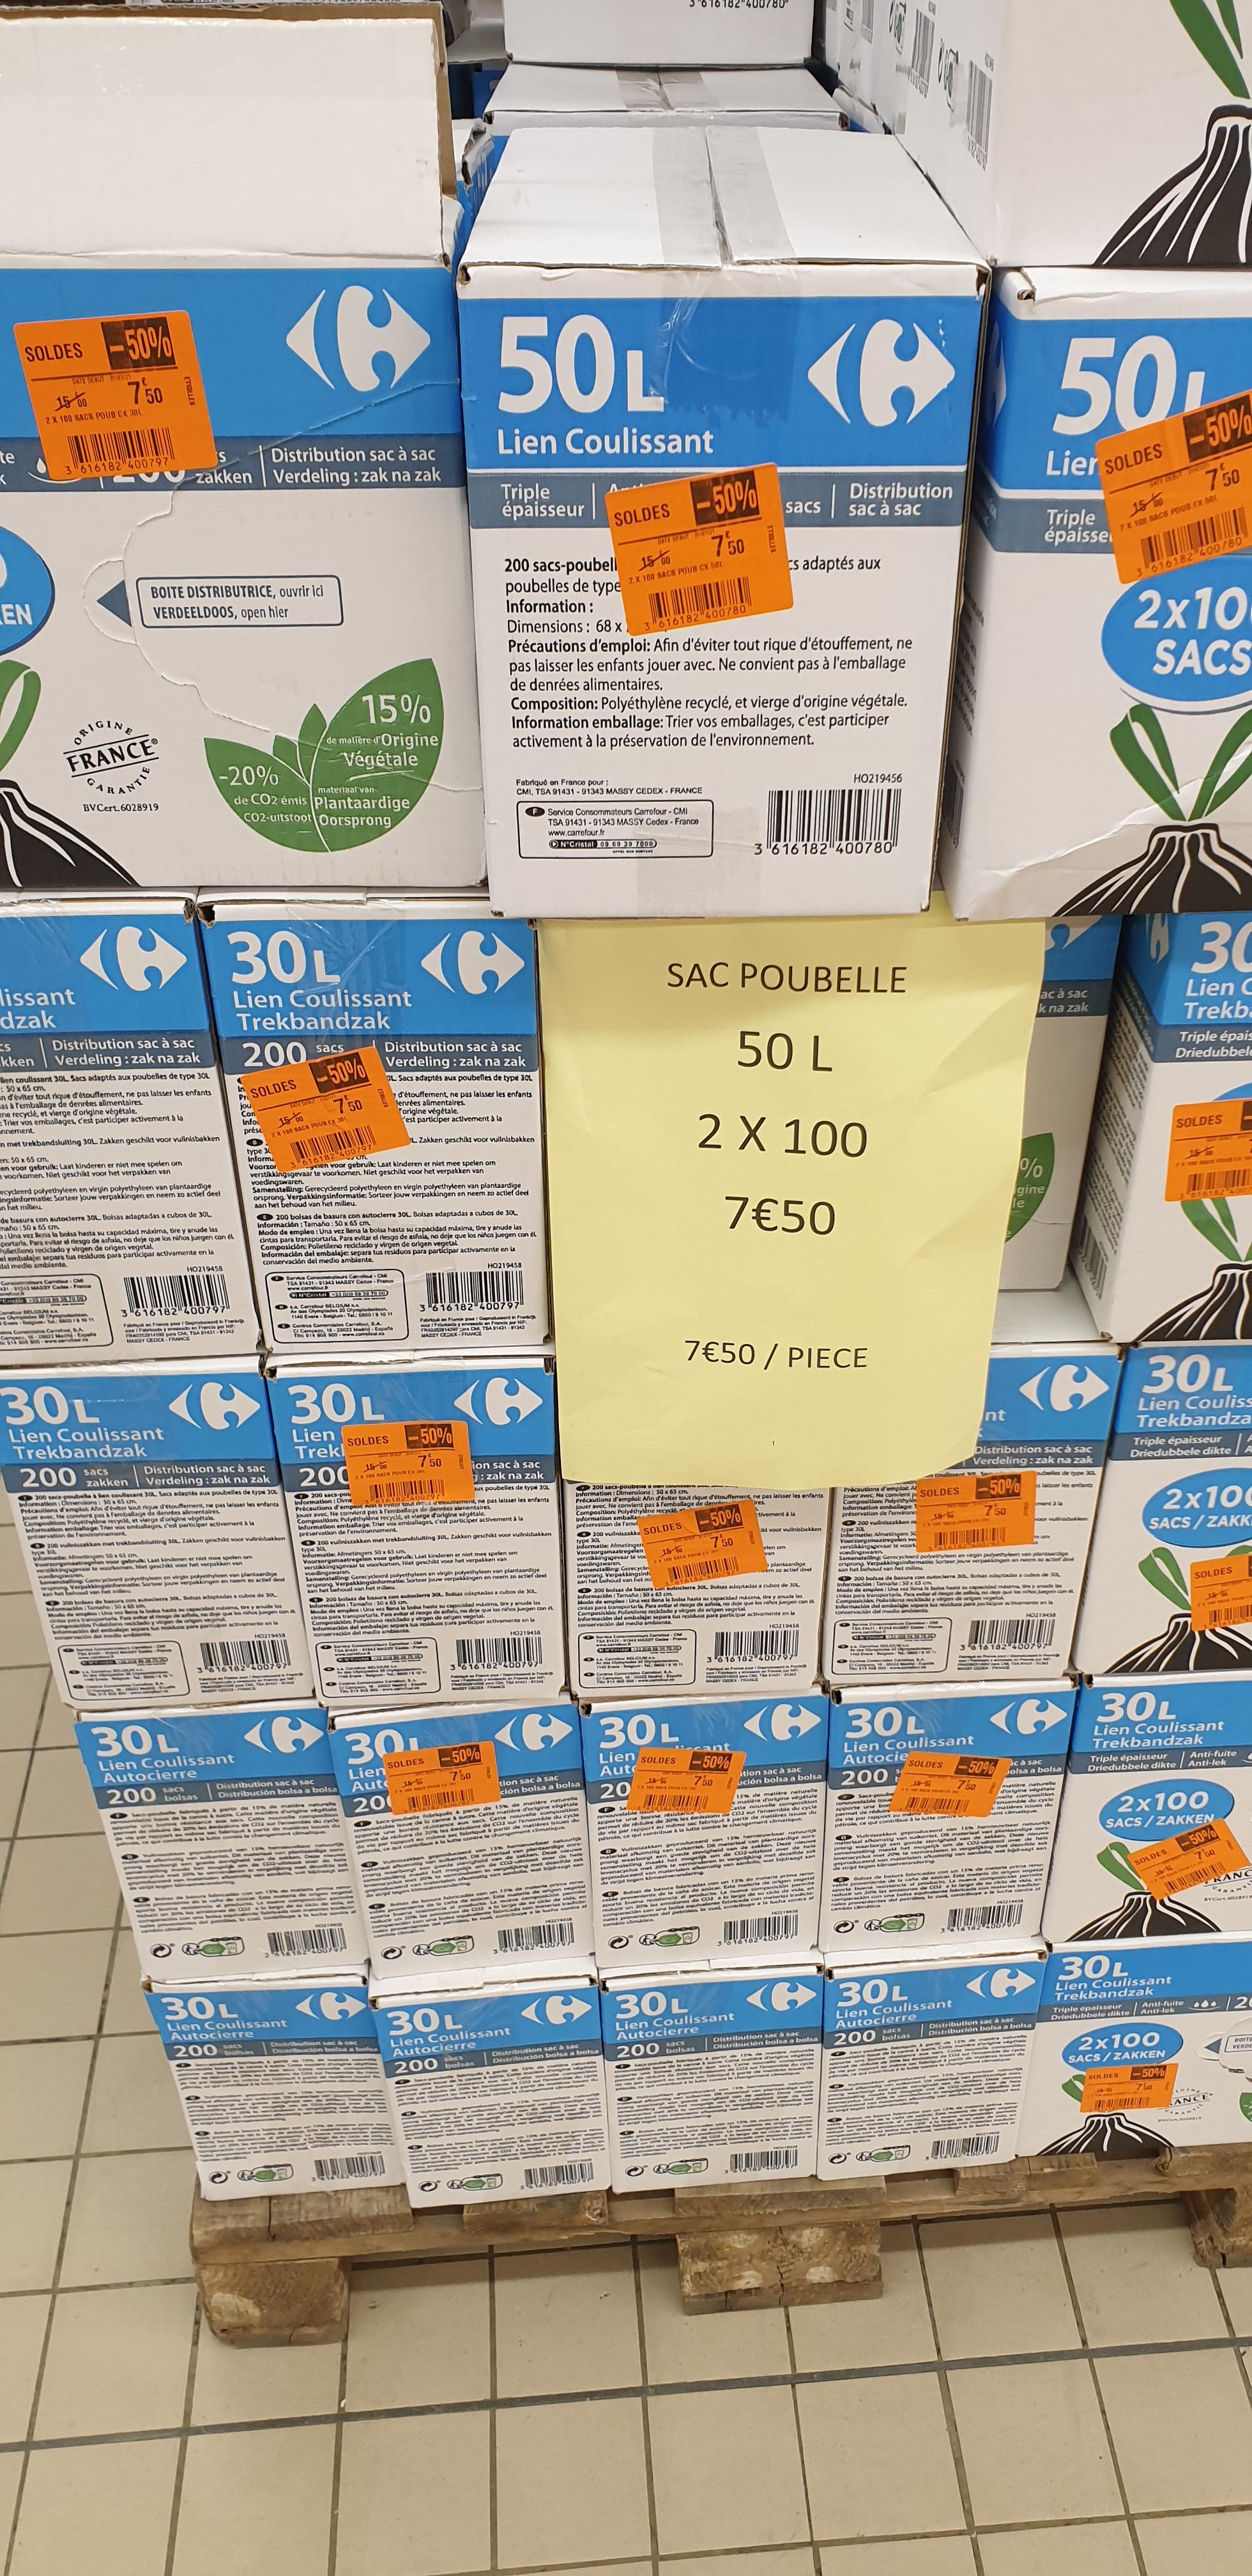 Lot de 2 boîtes de 100 sacs poubelles 50L ou 30L- Étiolles (91)